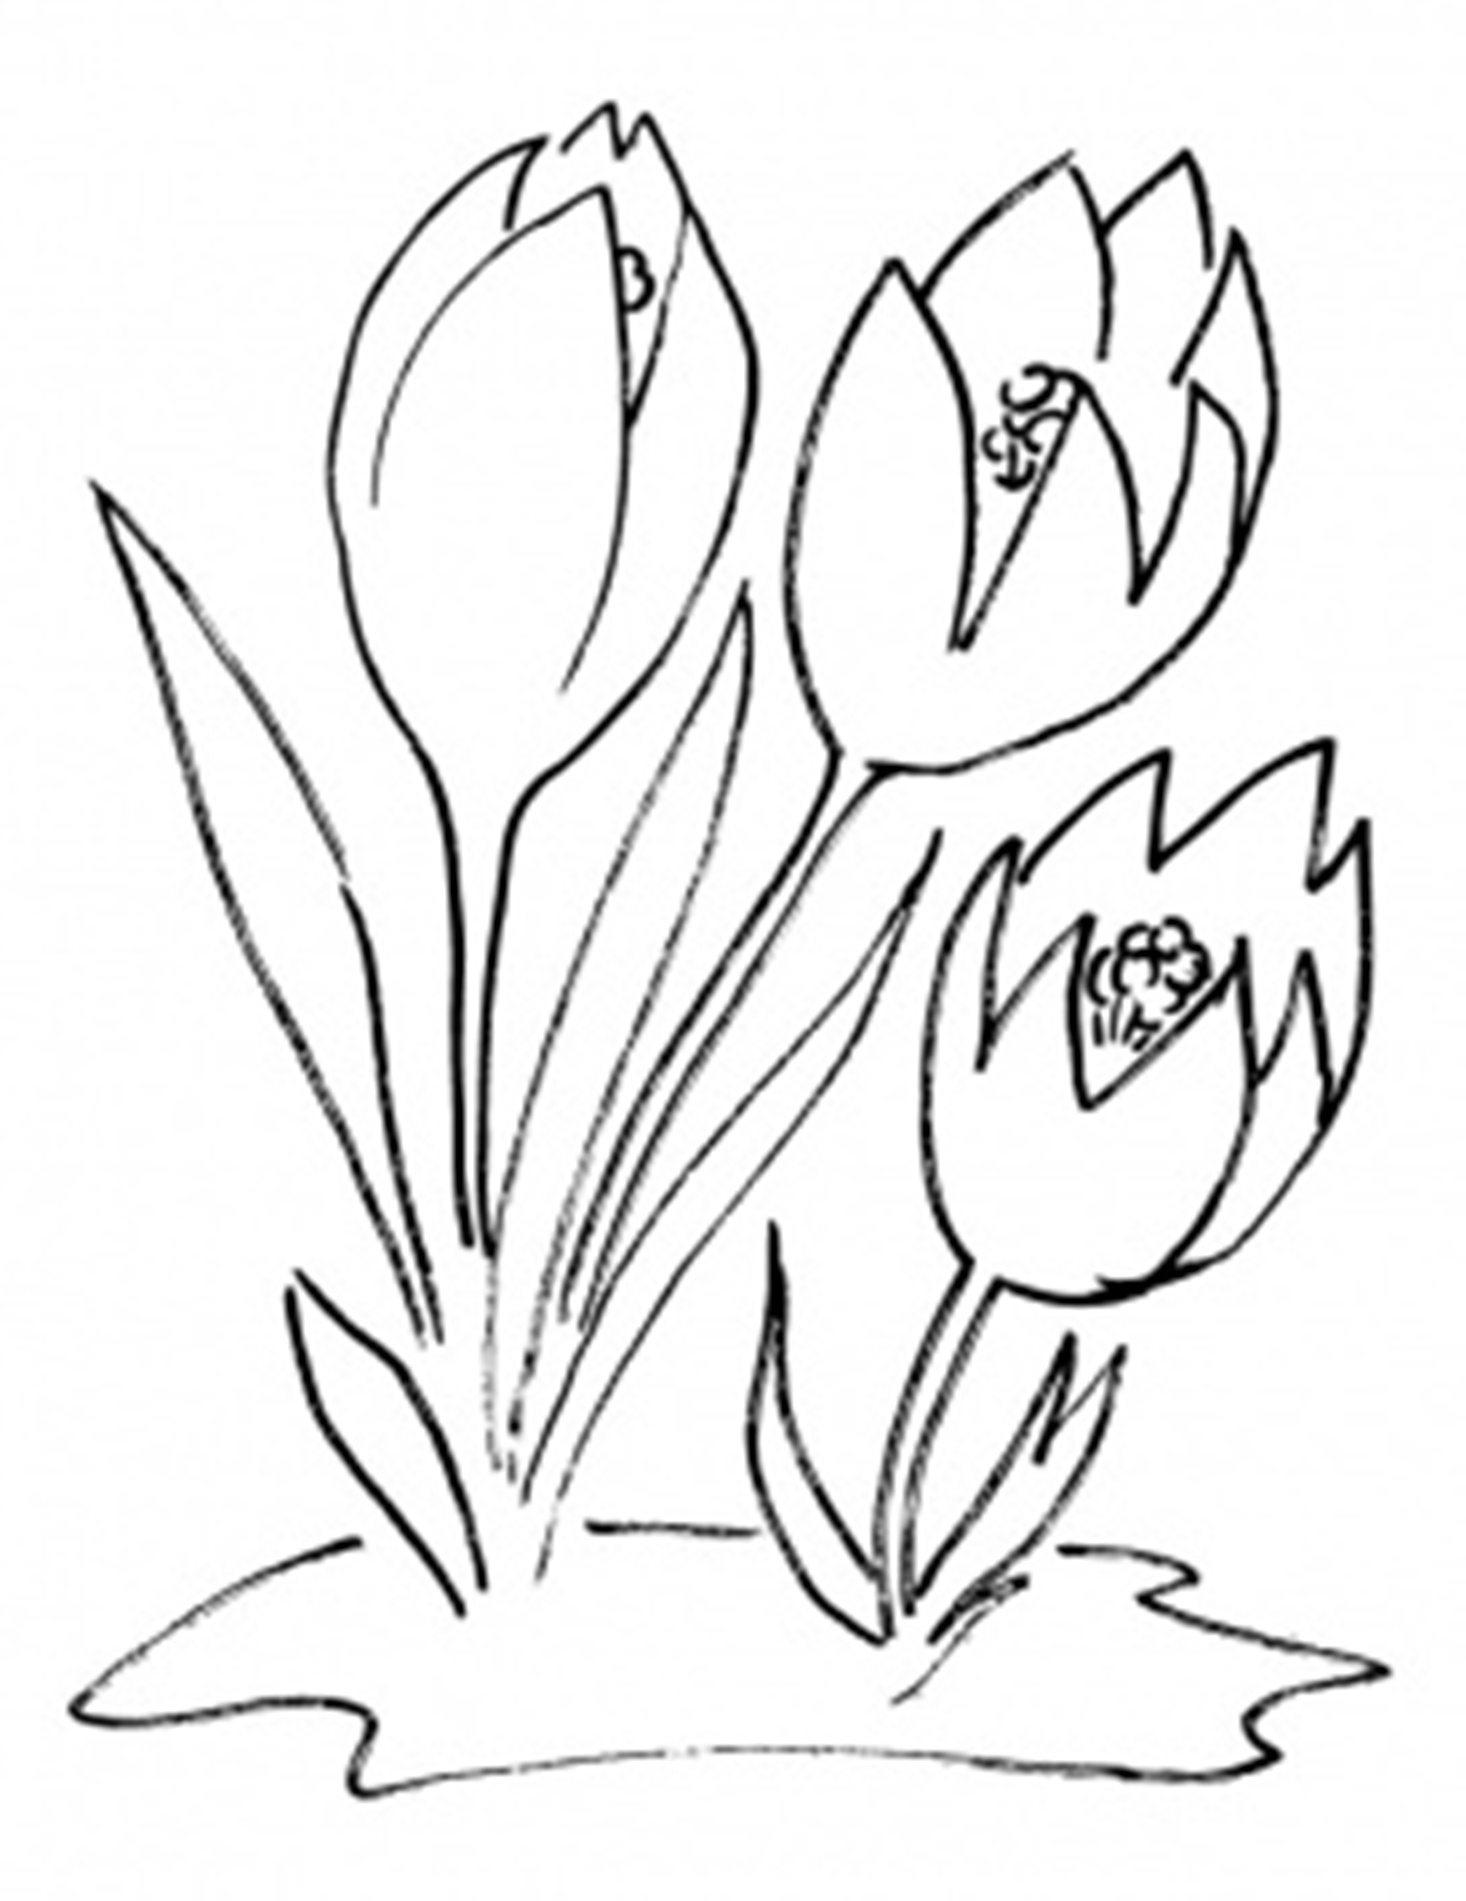 Crocus coloring #18, Download drawings